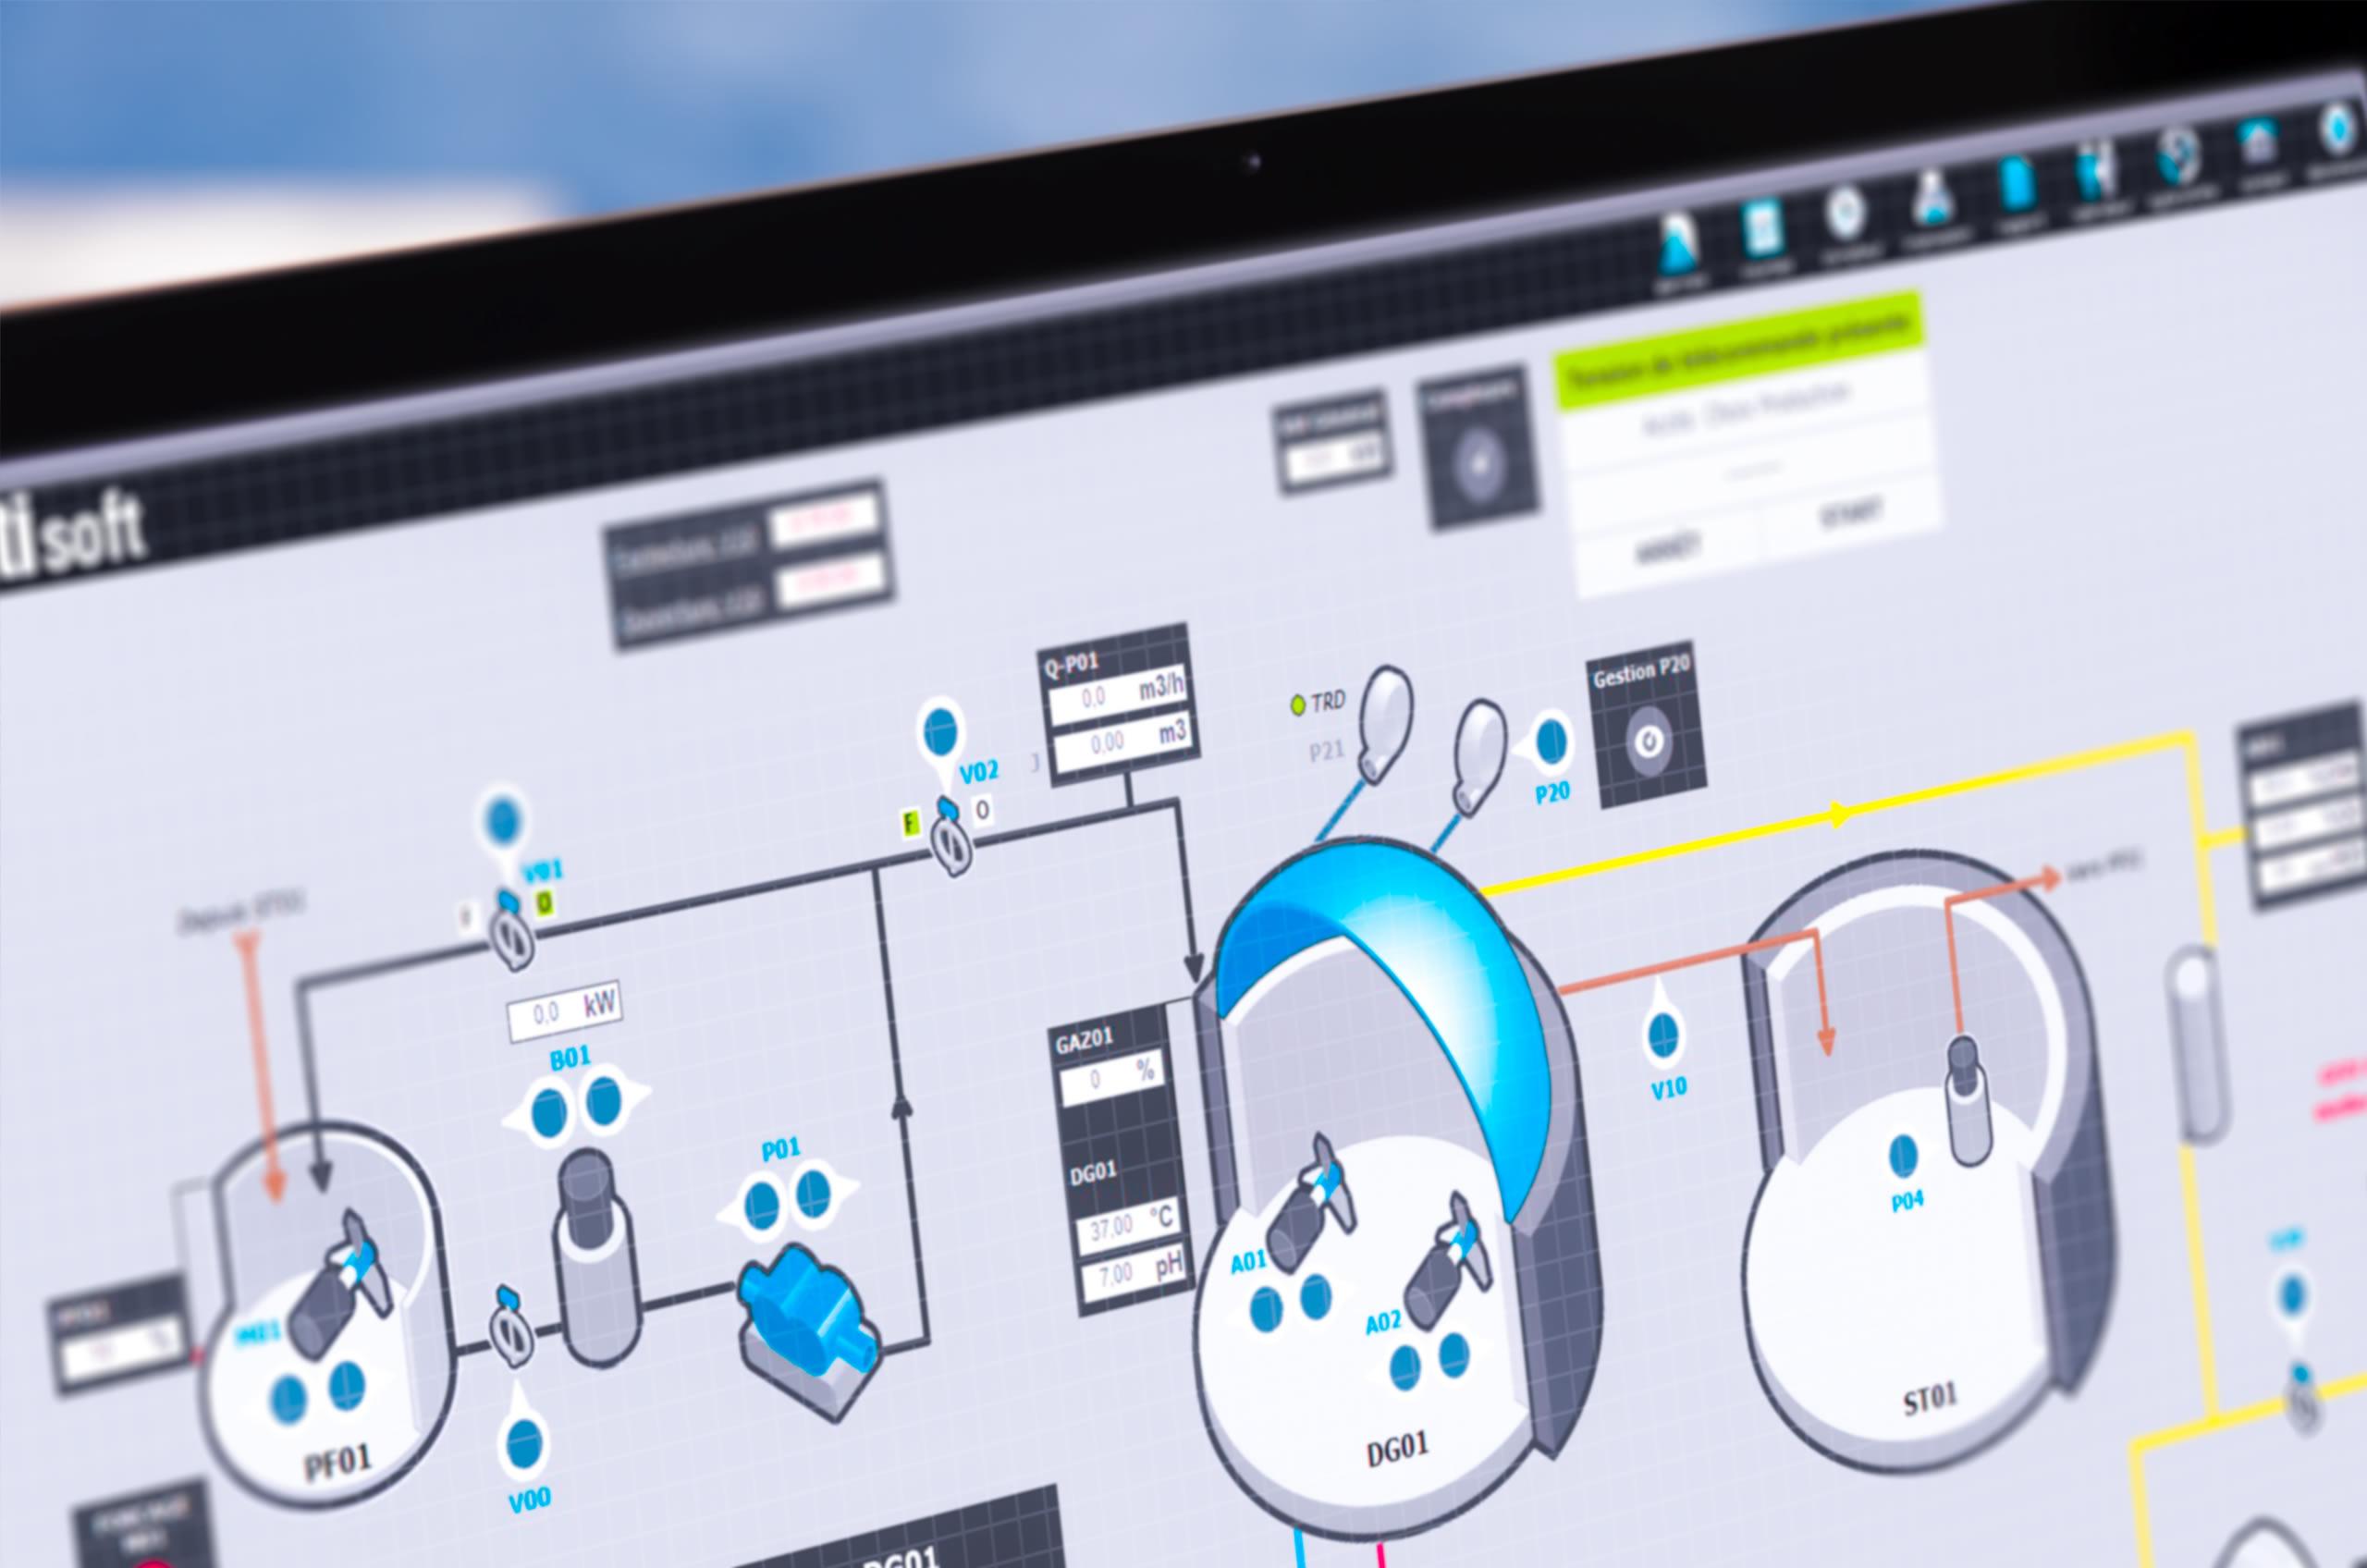 Image de Natisoft de Valpronat d'un synoptique d'une installation de méthanisation